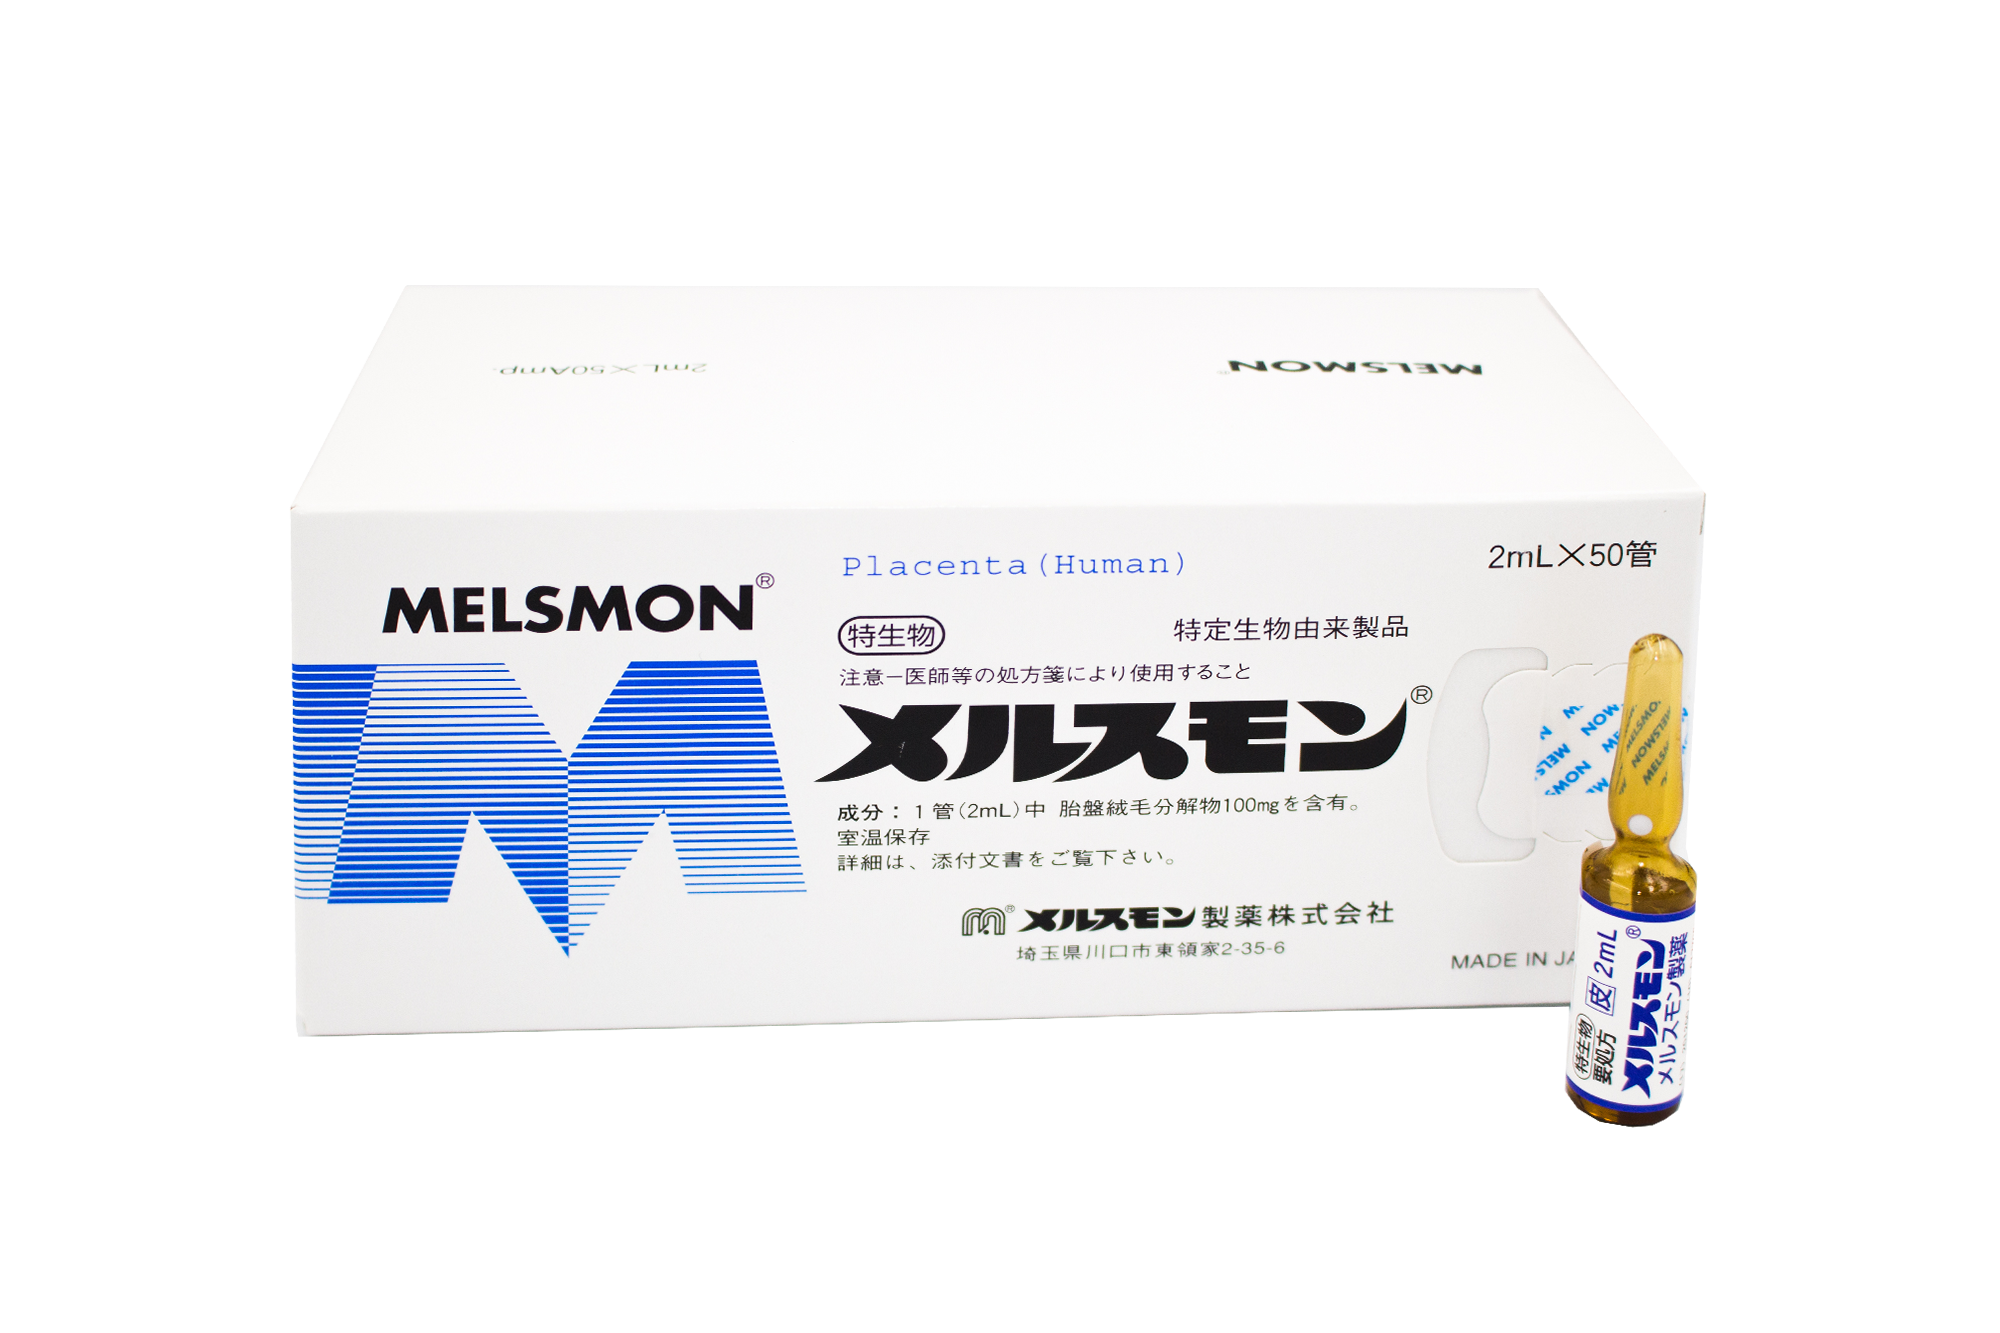 MELSON PLACENTA (HUMAN)